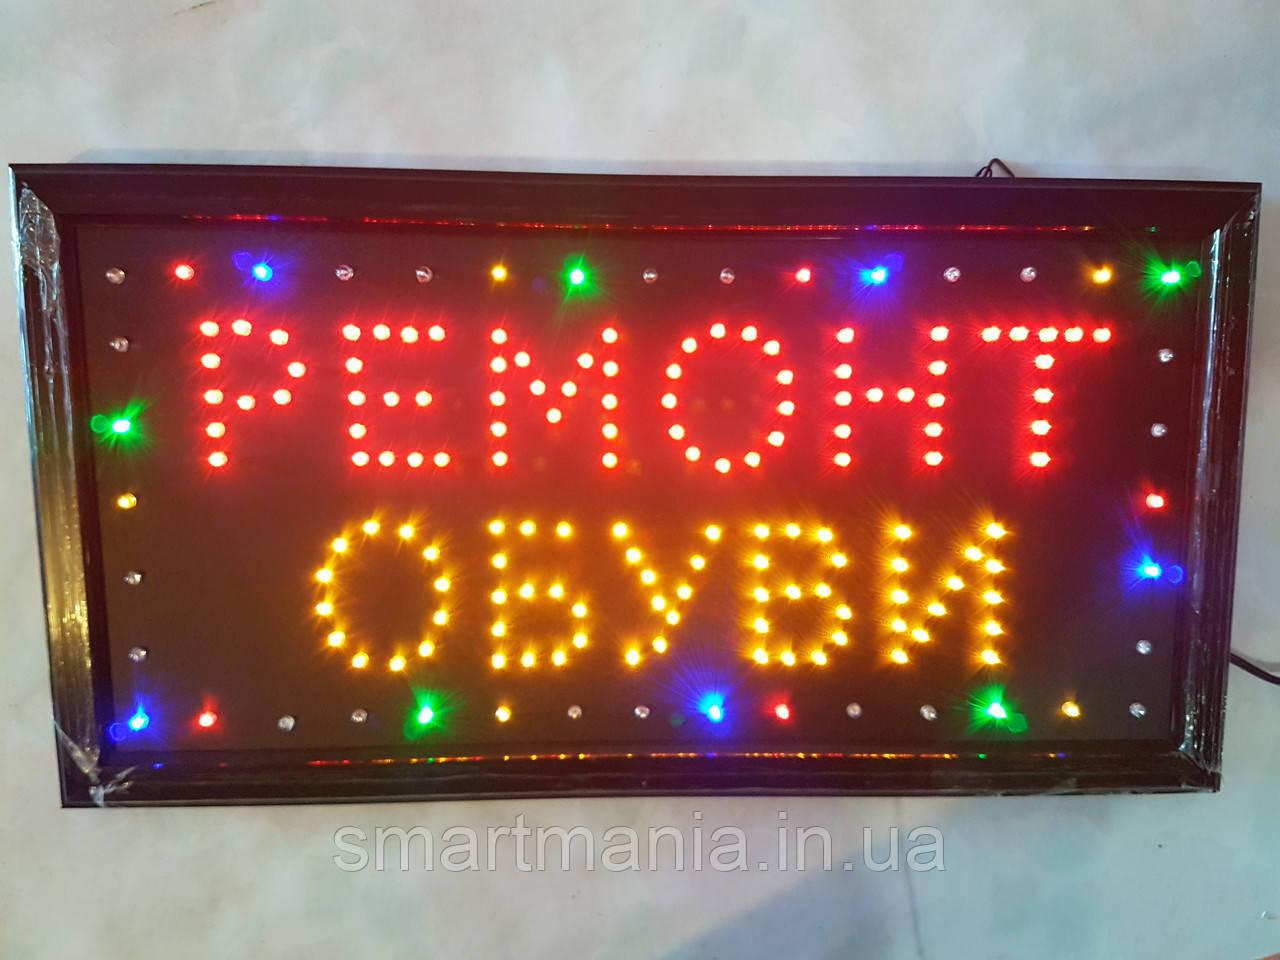 """Светодиодная LED вывеска Ремонт Обуви 48*25 - Интернет-магазин """"TopShop"""" в Одессе"""